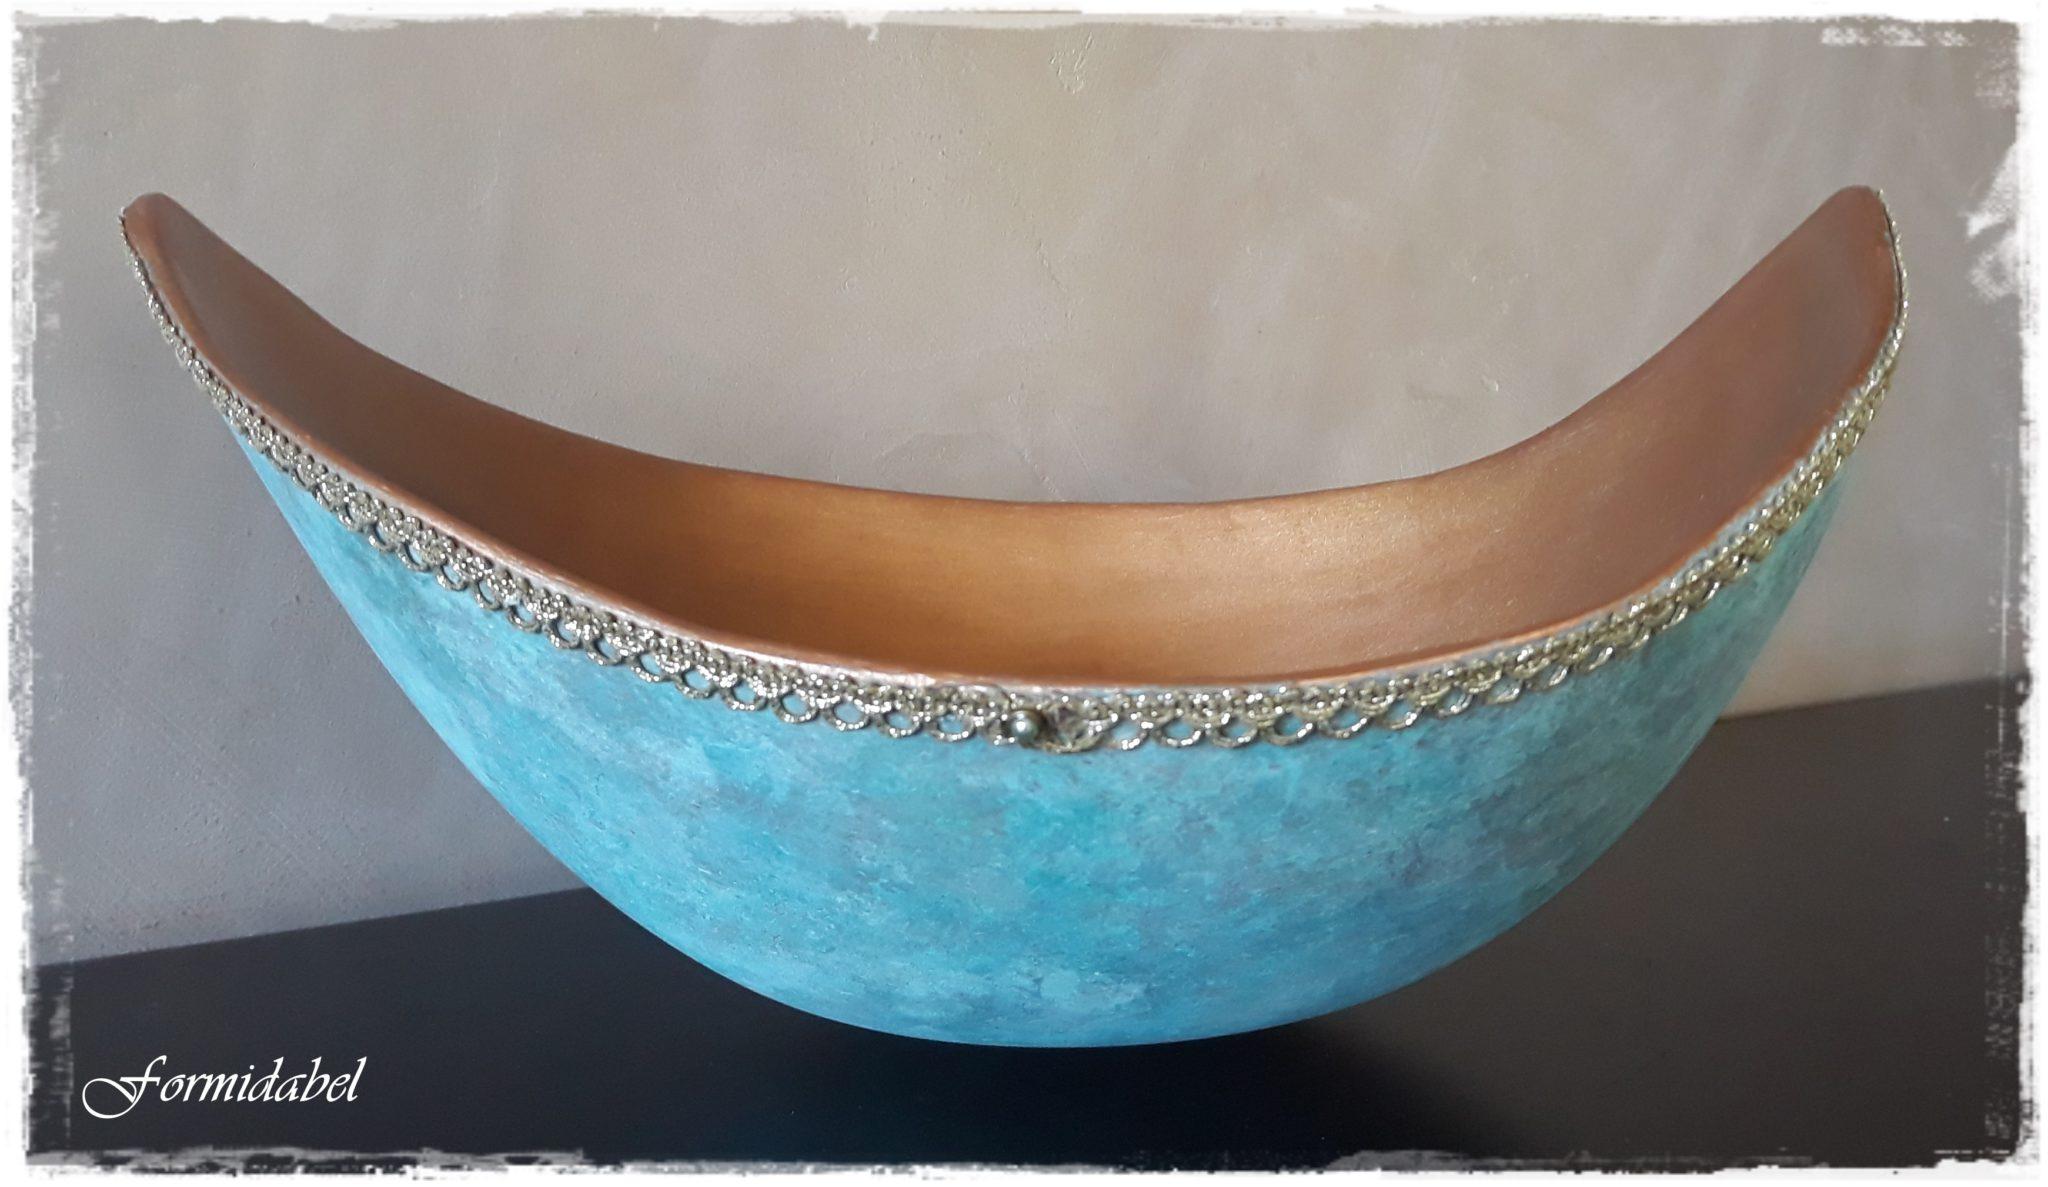 Belly Bowl patina 2